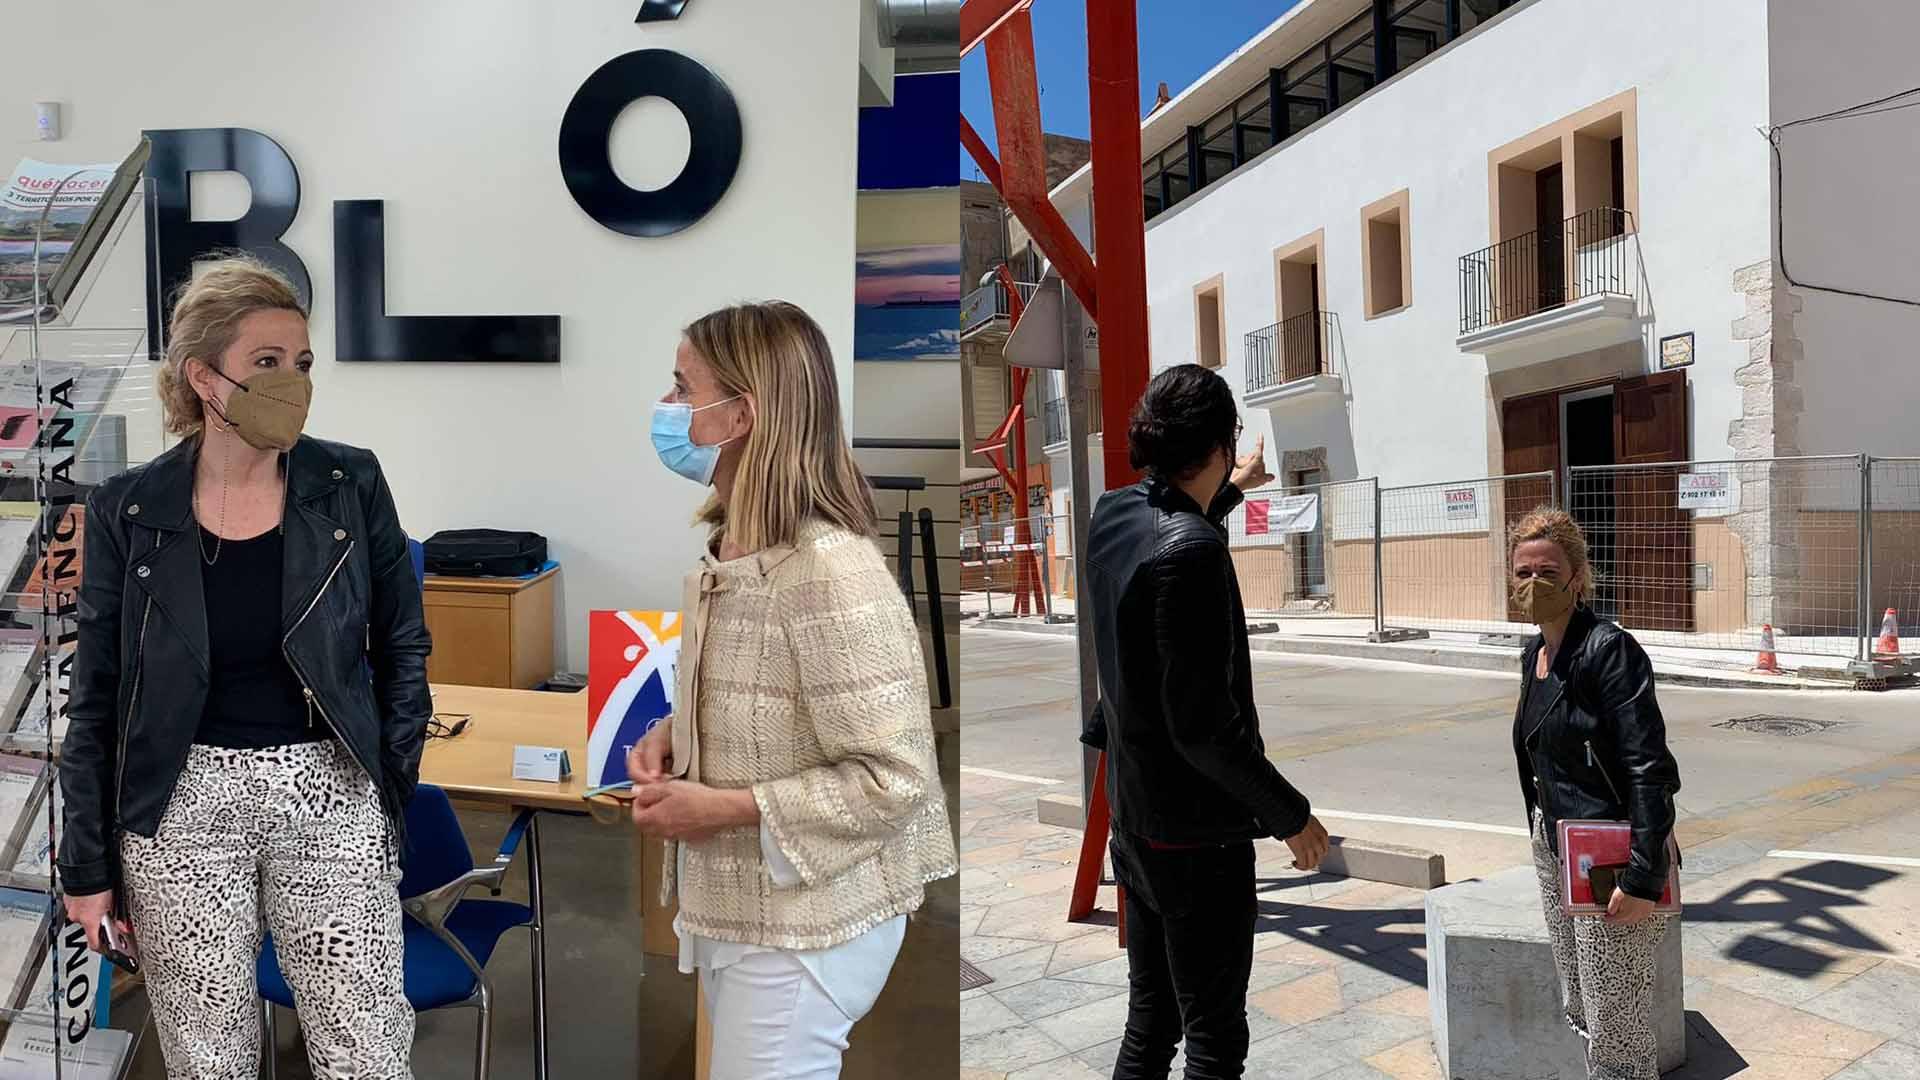 La Diputació aportarà 11.300 euros a lesTouristInfode Benicarló i Vinaròs per a millorar l'atenció als turistes